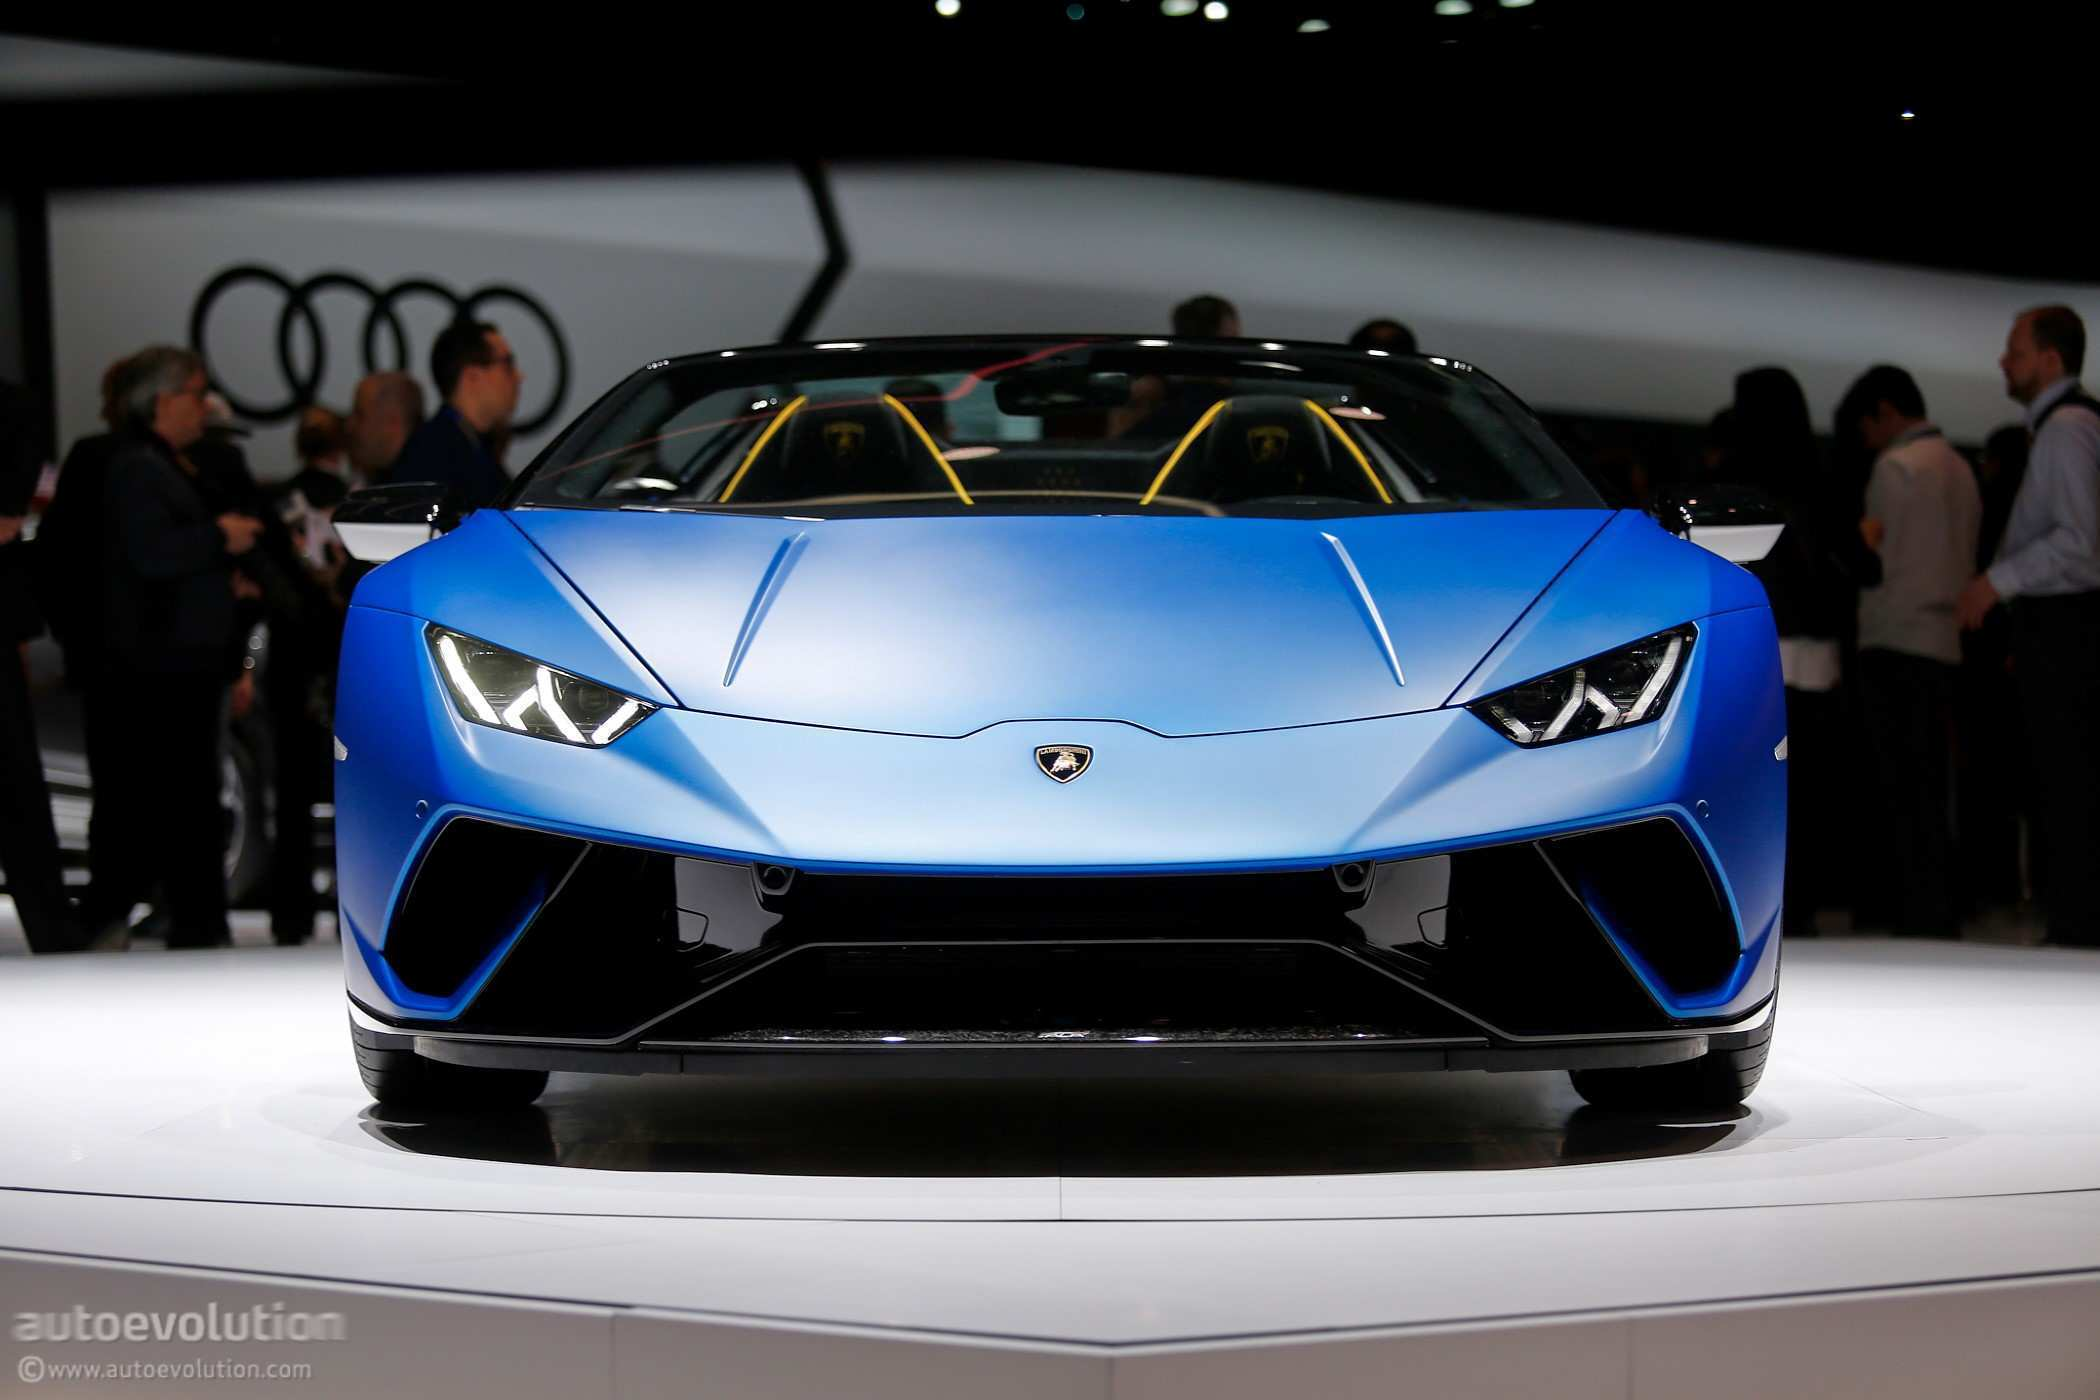 97 New 2019 Lamborghini Huracan Horsepower Specs by 2019 Lamborghini Huracan Horsepower